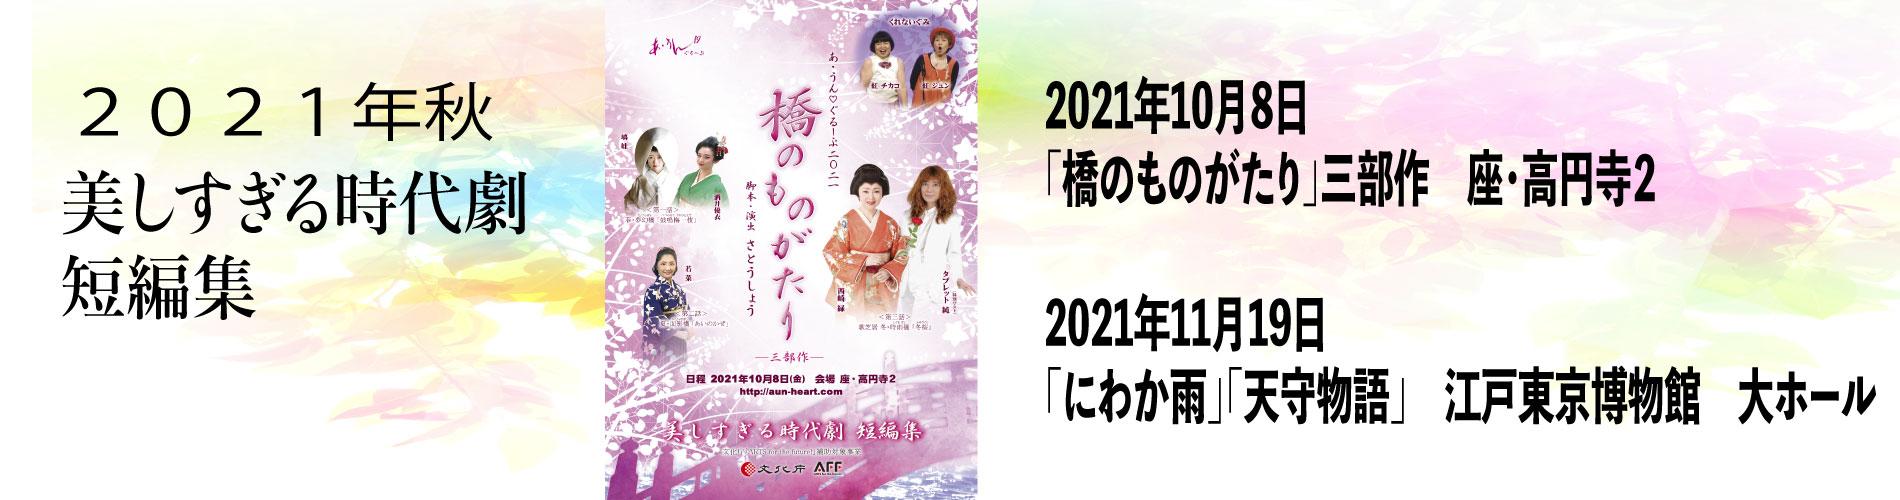 2021年秋公演 短編集